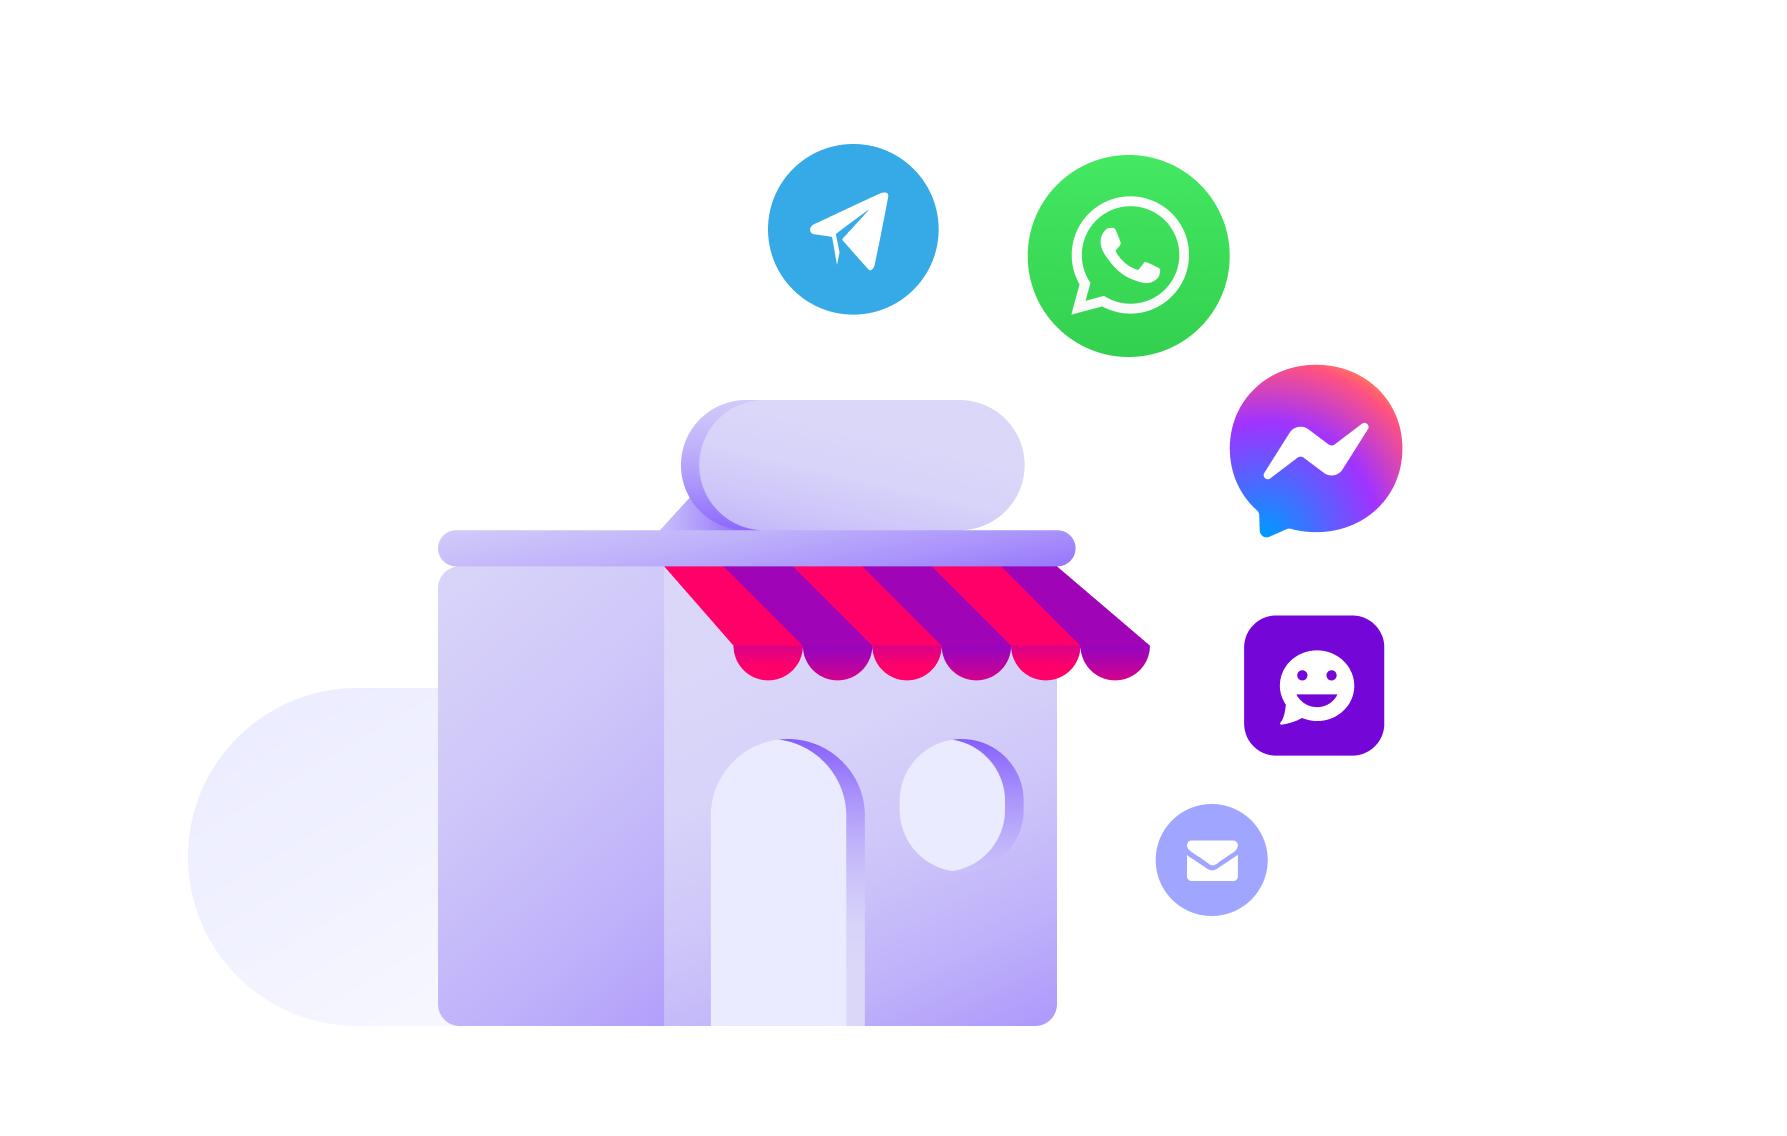 A Huggy é uma plataforma omnichannel. Sendo possível gerir e responder mensagens de diversos canais diferentes, como WhatsApp, Facebook Messenger, Telegram, Chat, entre outros.